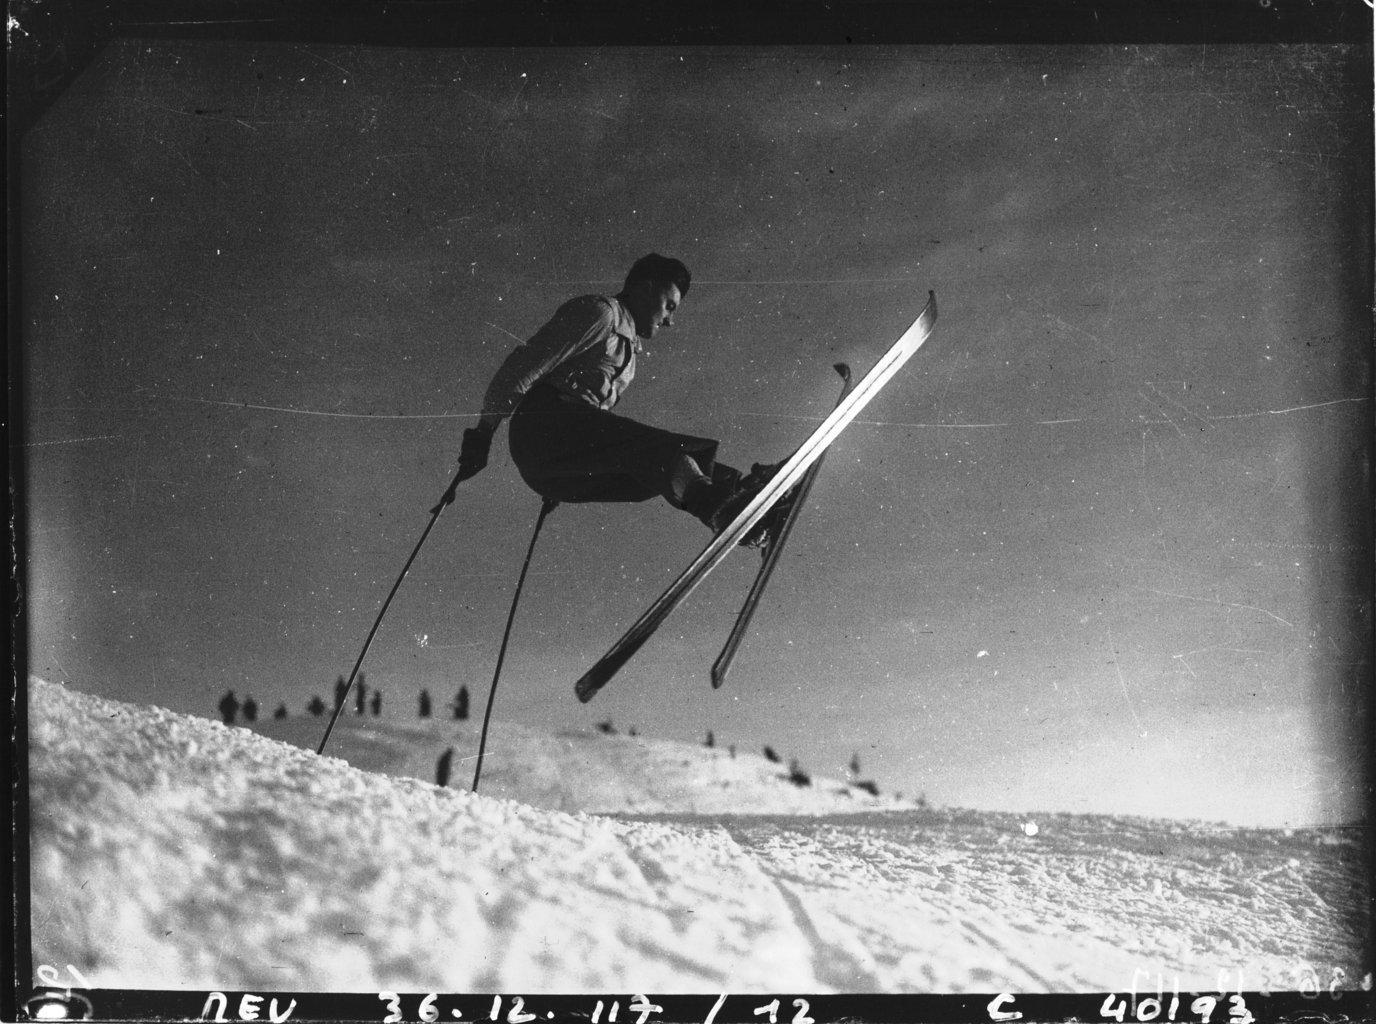 Sports d'Hivers à Mörzine dans les Alpes , Agence de presse Meurisse. Agence photographique, Bibliothèque Nationale de France, Public Domain Mark